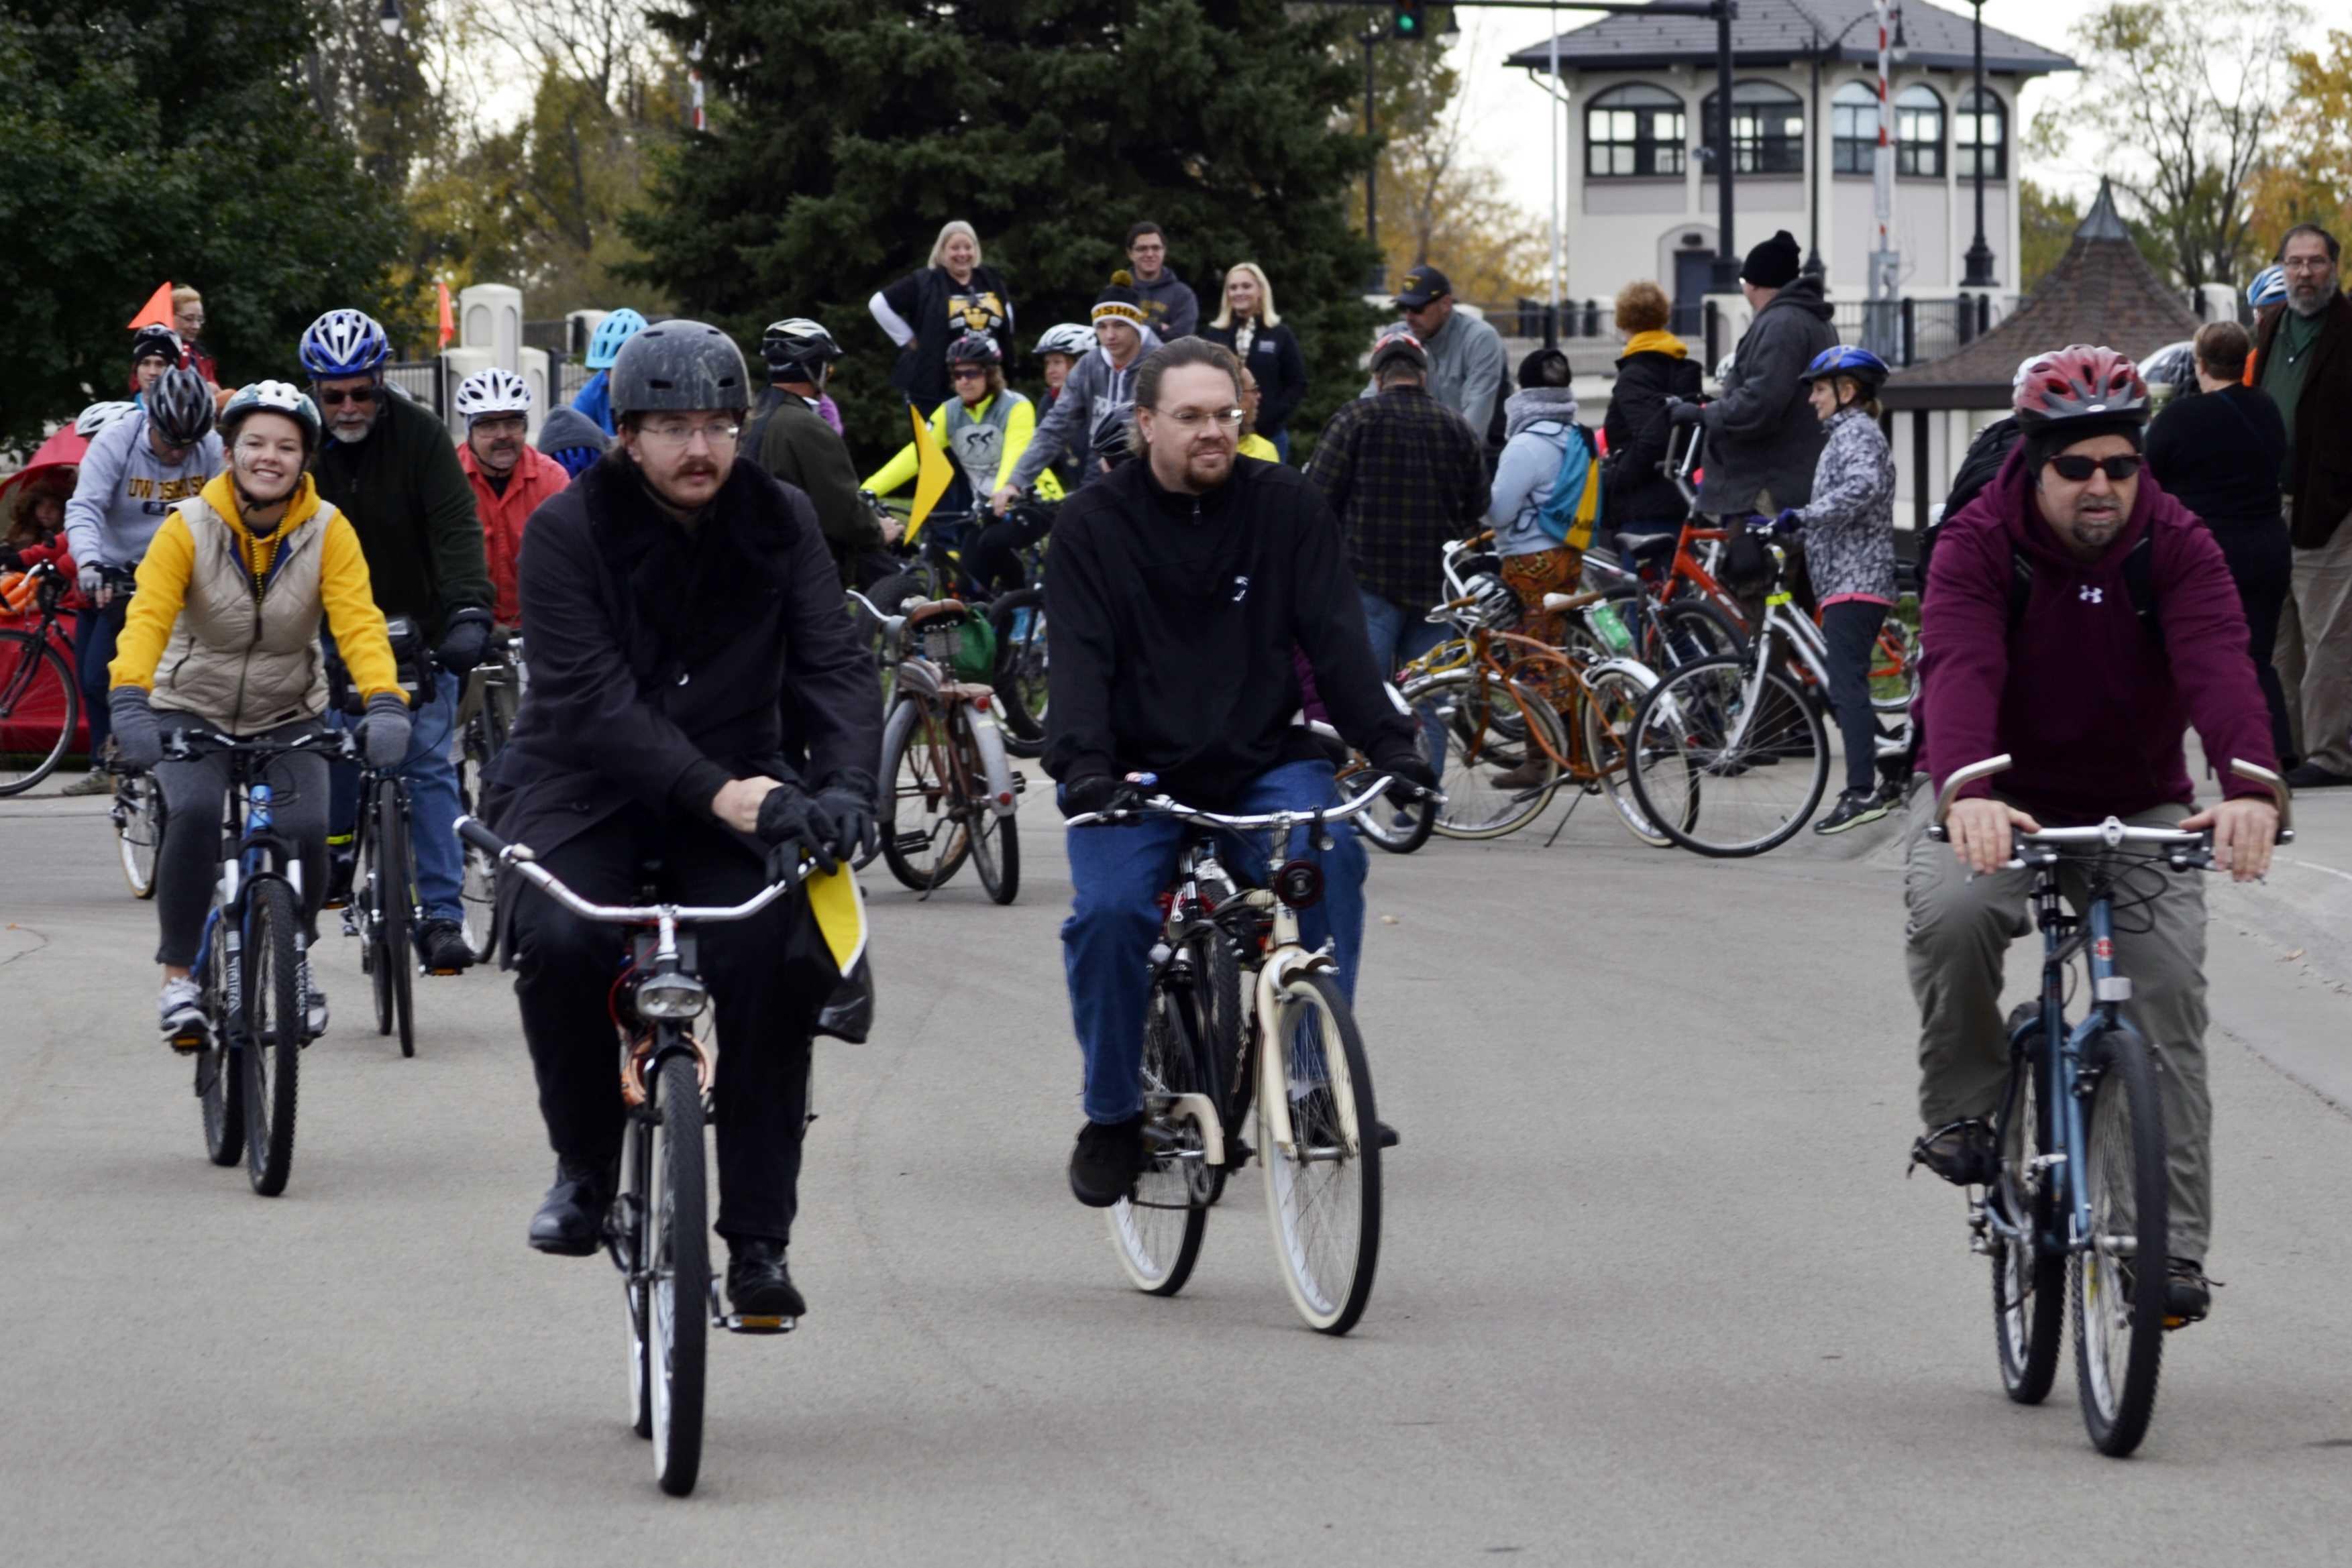 Tour de Titan pedals through Oshkosh